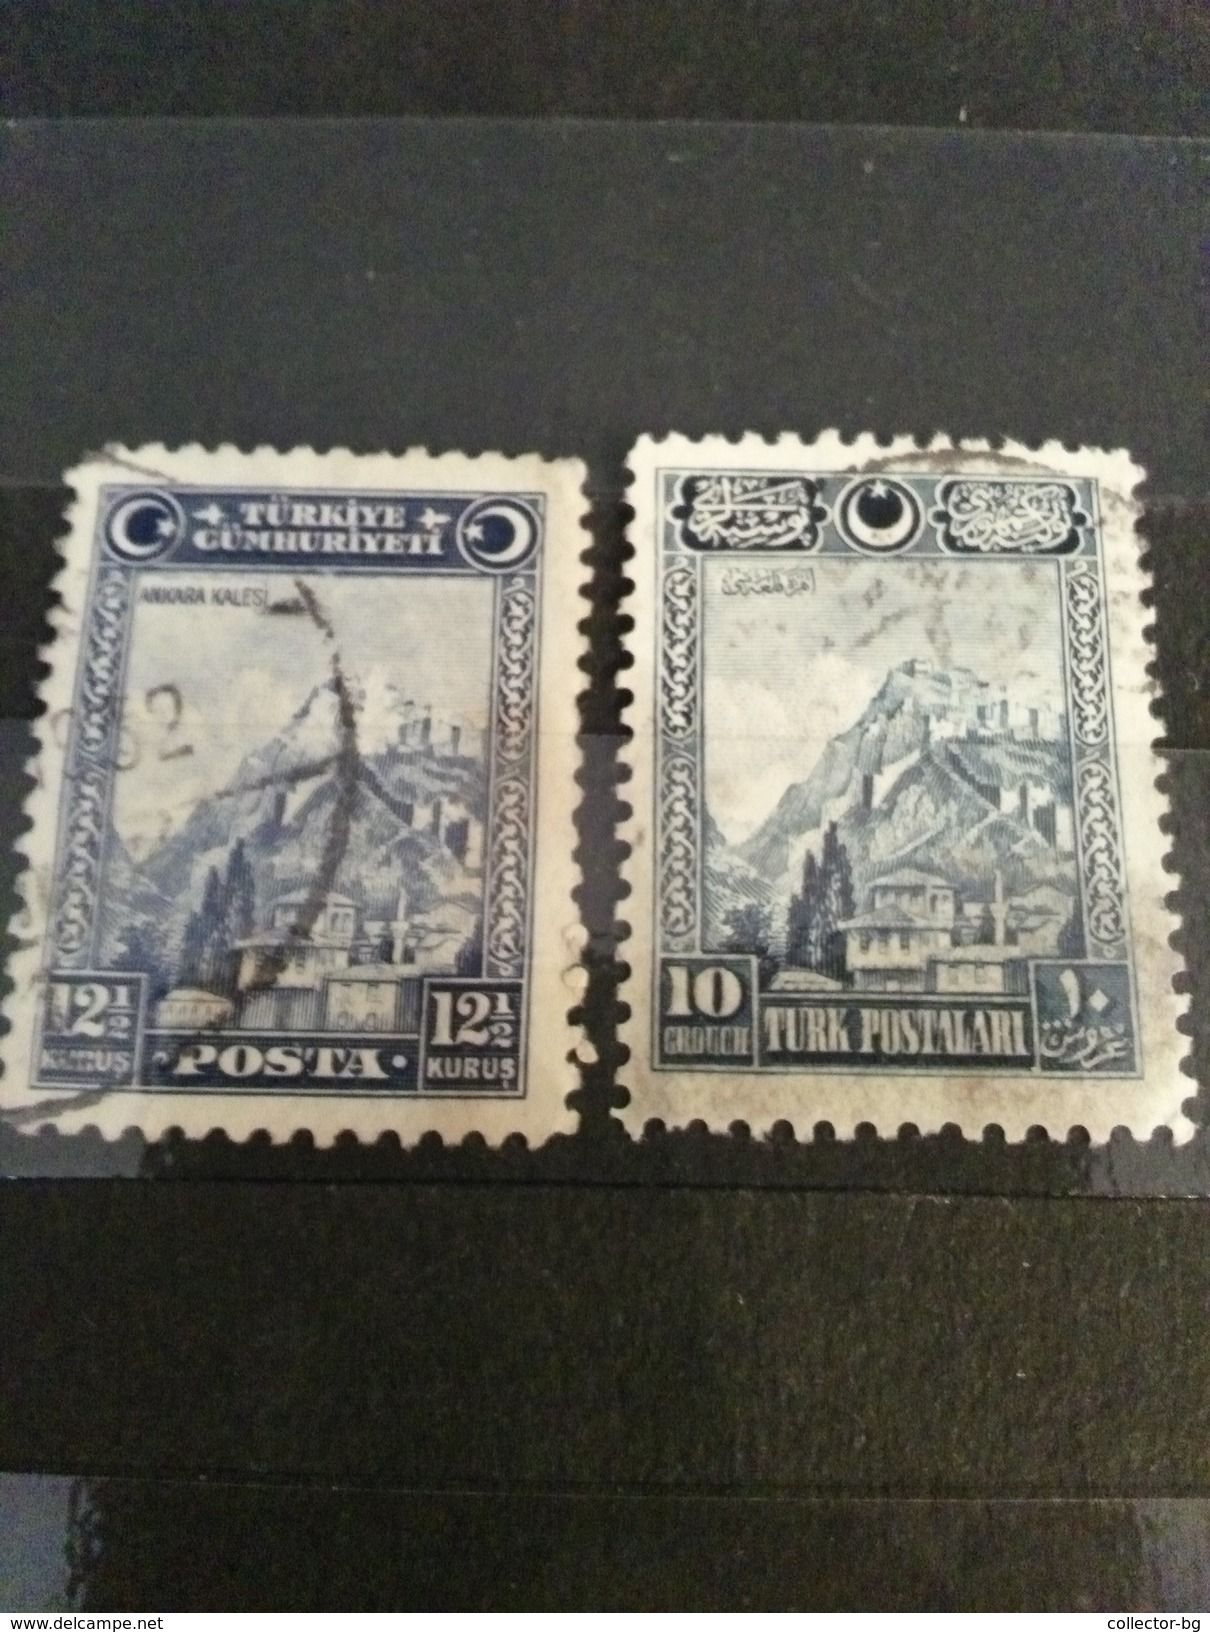 Erkunde Truthahn Briefmarken und noch mehr